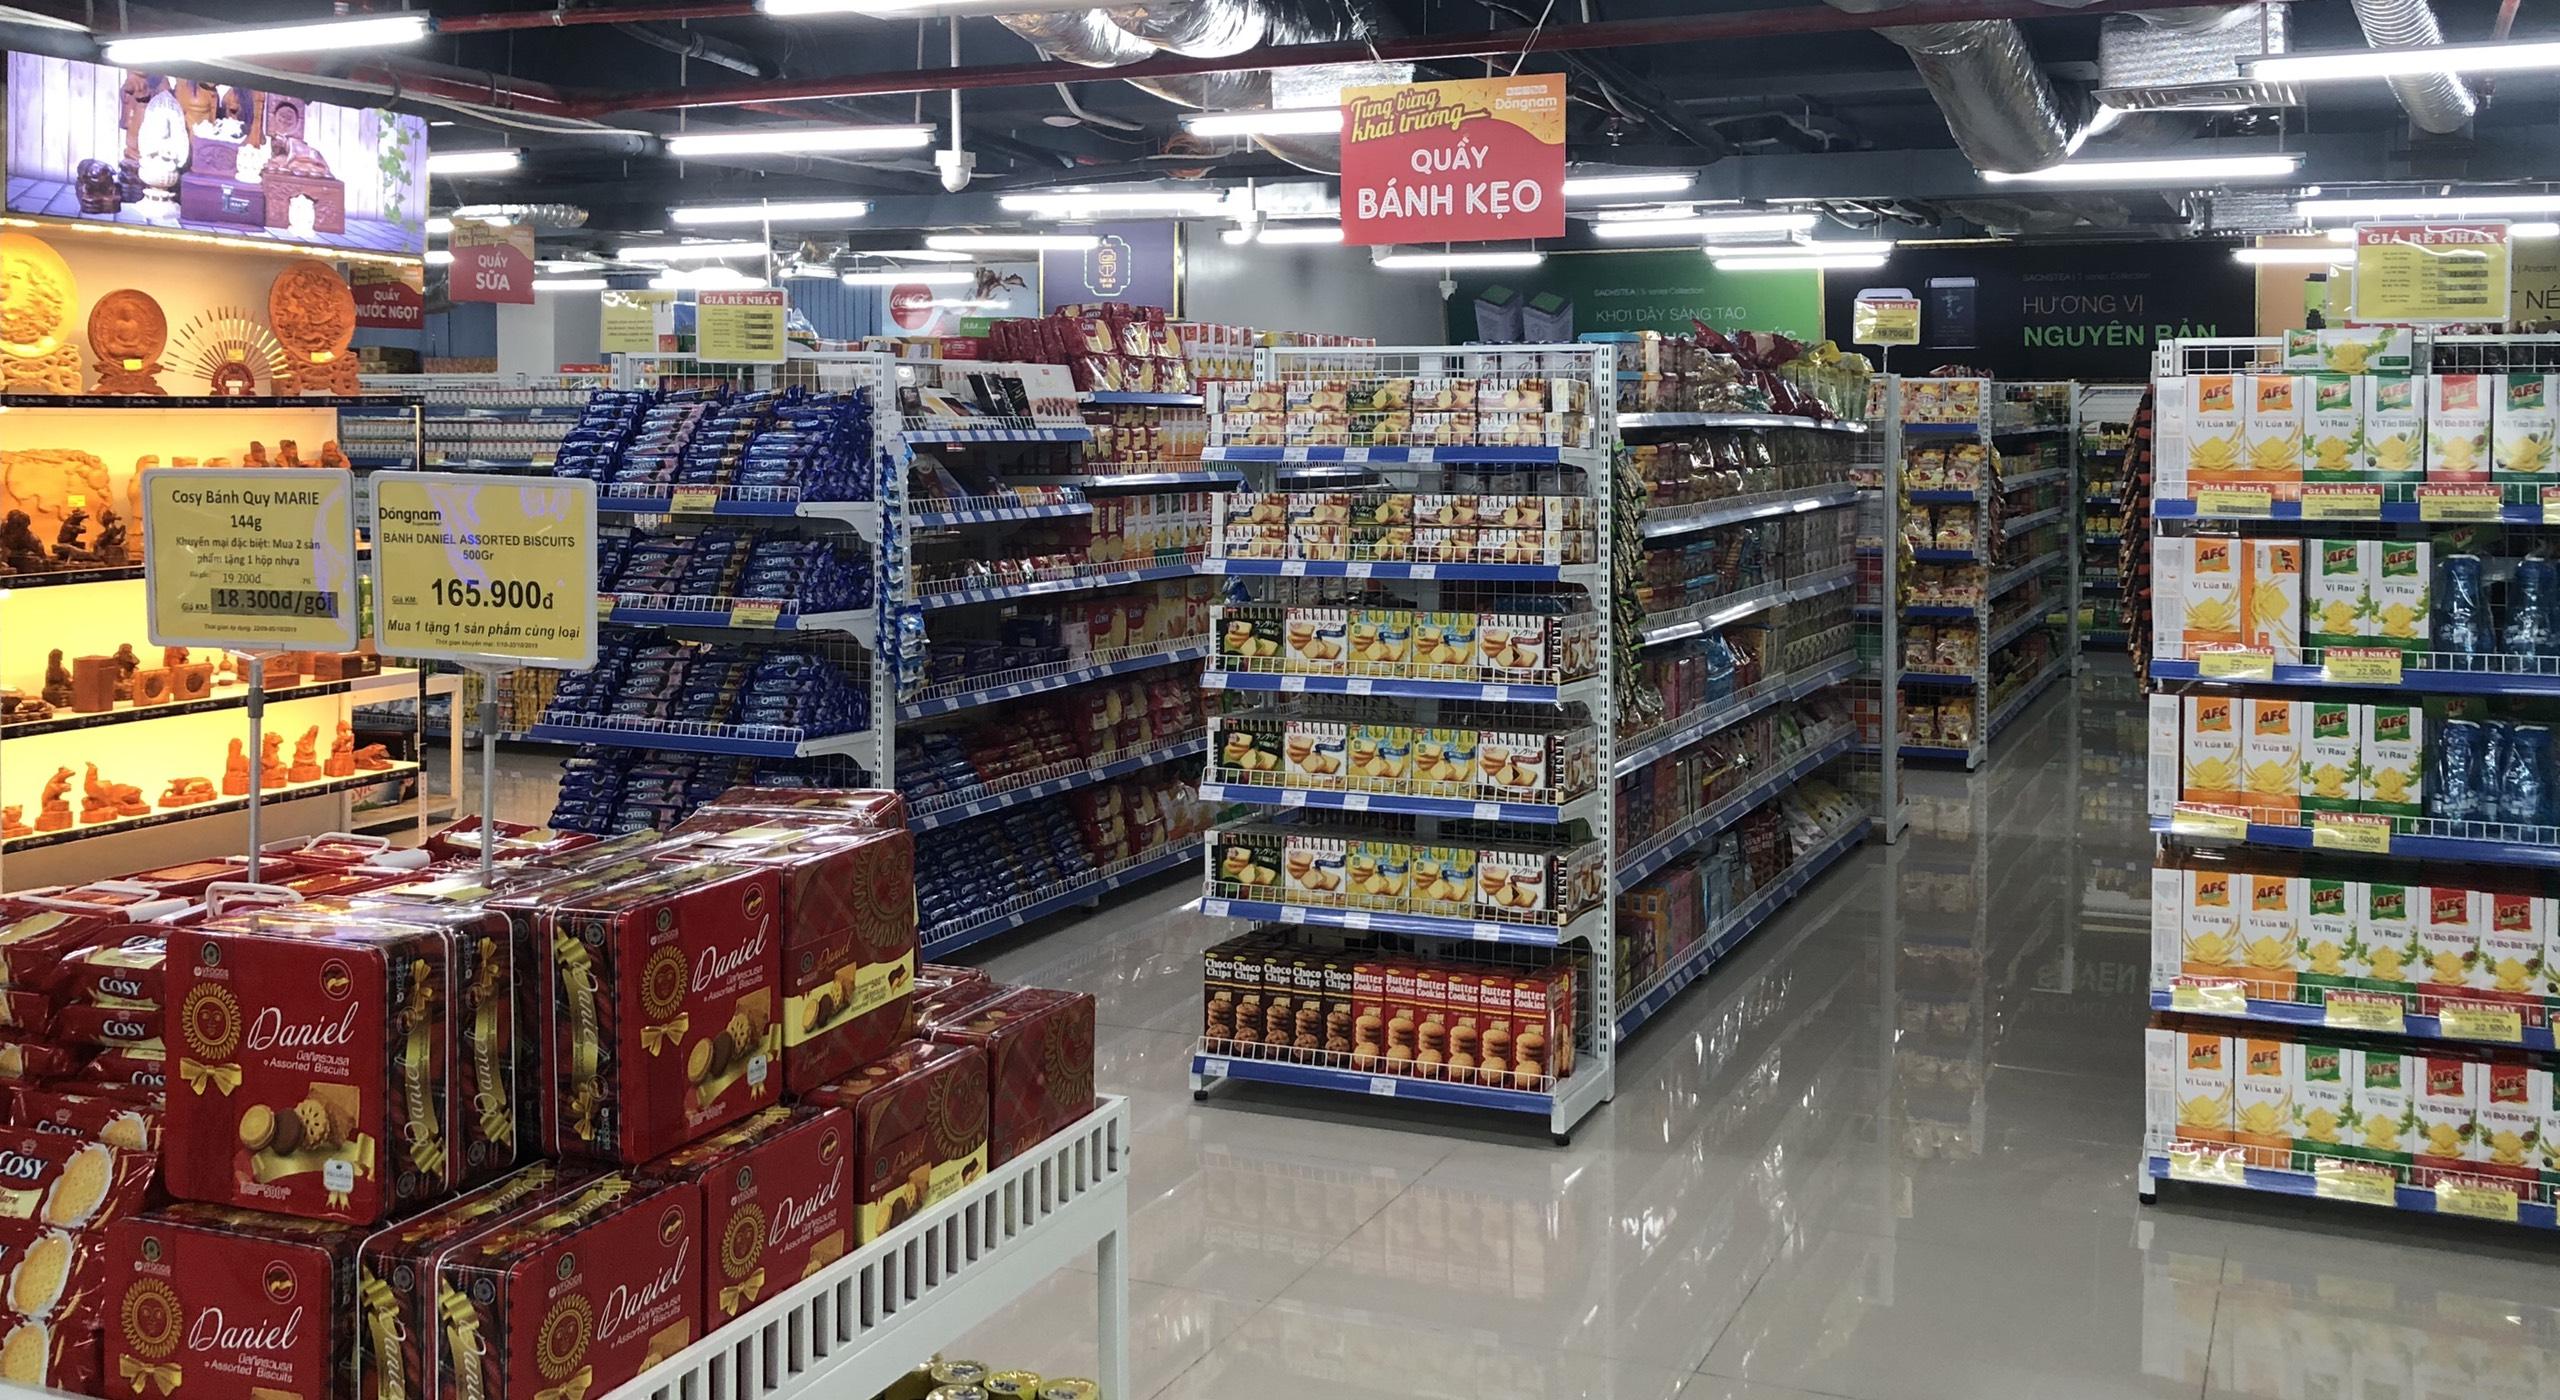 Mở siêu thị nên lấy hàng ở đâu